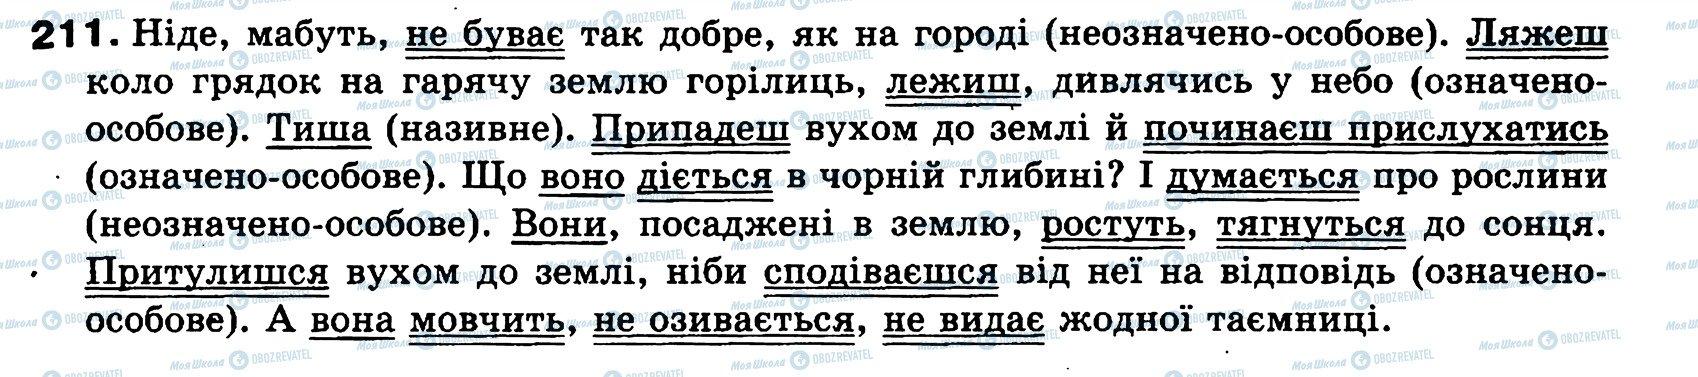 ГДЗ Українська мова 8 клас сторінка 211